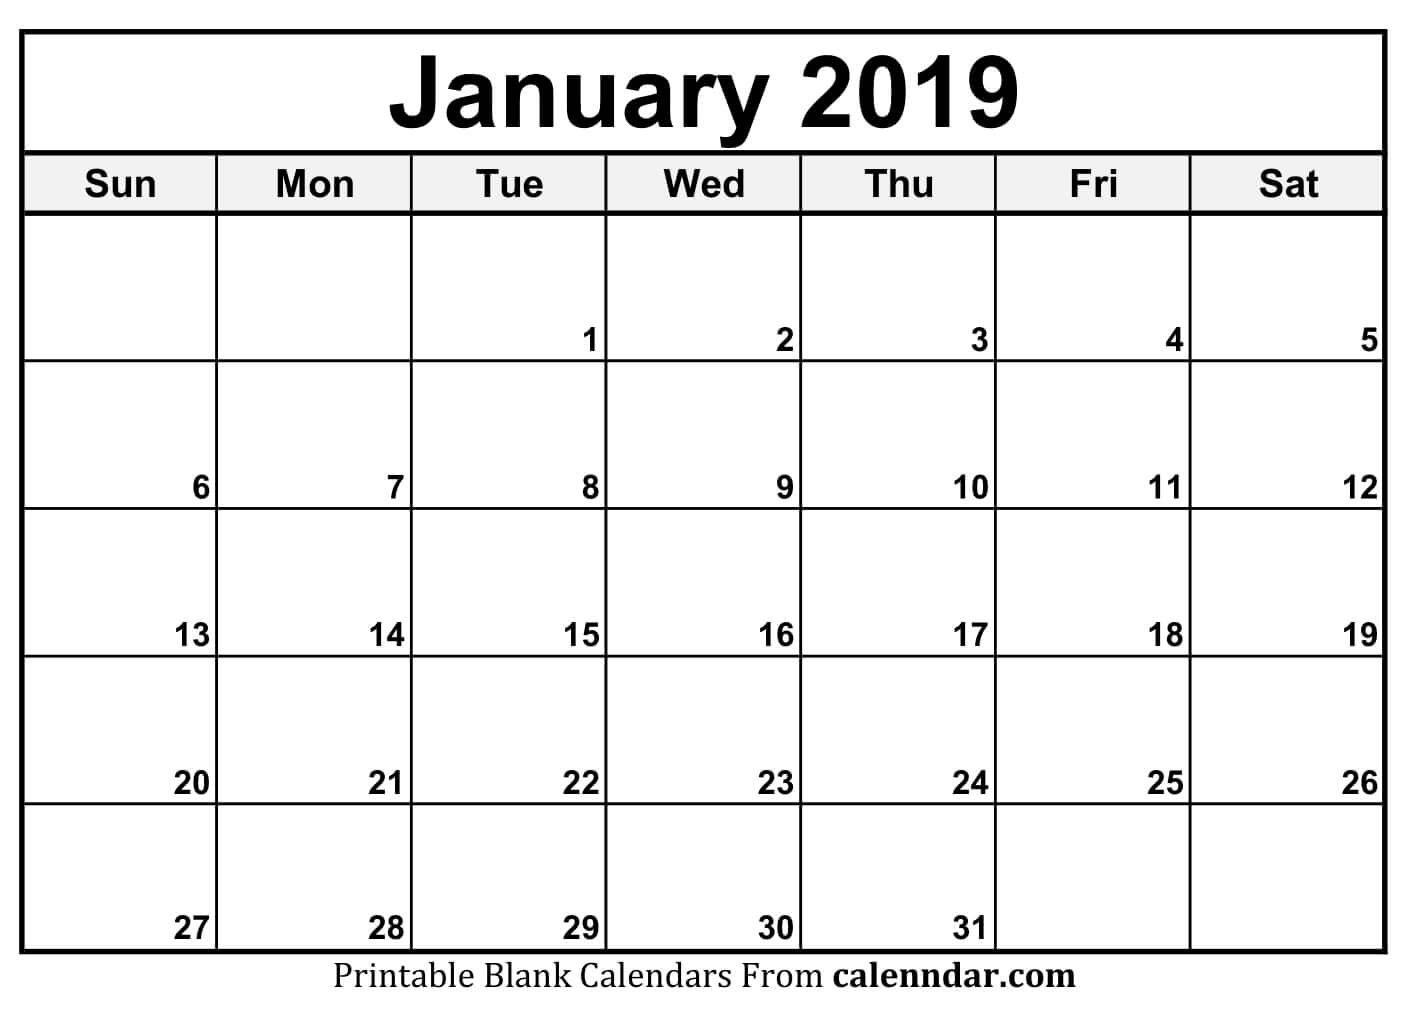 Blank January 2019 Calendar Templates - Calenndar January 2 2019 Calendar